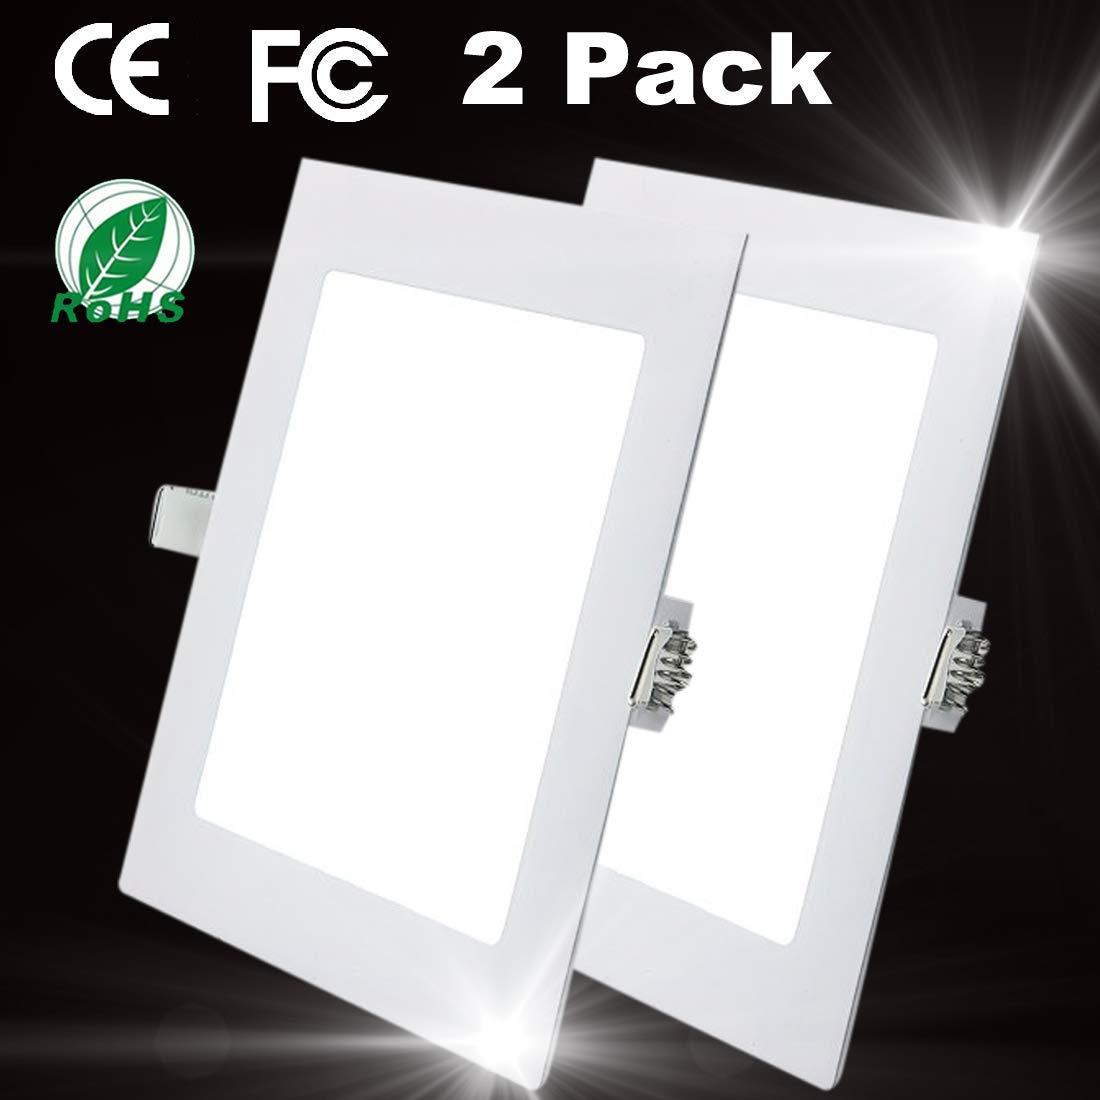 2 Pacchi Plafoniera da Incasso 9W Quadrato a LED a incasso Il Pannello Lampade da parete Lampada Illuminazione Cucina Bagno Corridoio 4000K Neutral White Dimensione del buco 12.5CM